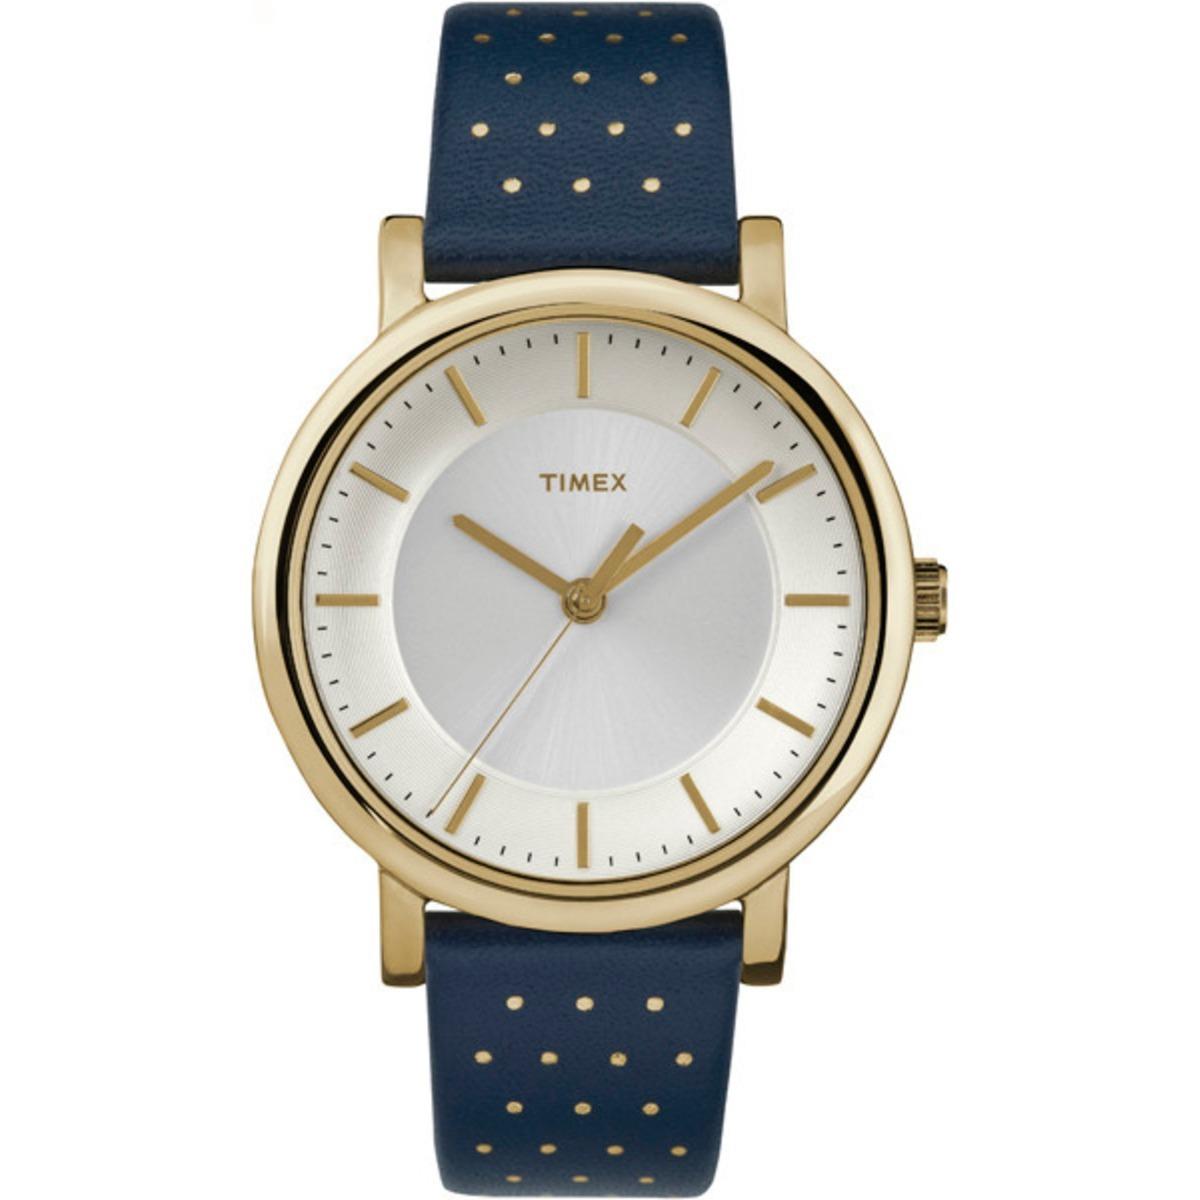 fc41359c6a66 reloj timex para mujer tw2r27600 original azul con correa. Cargando zoom.